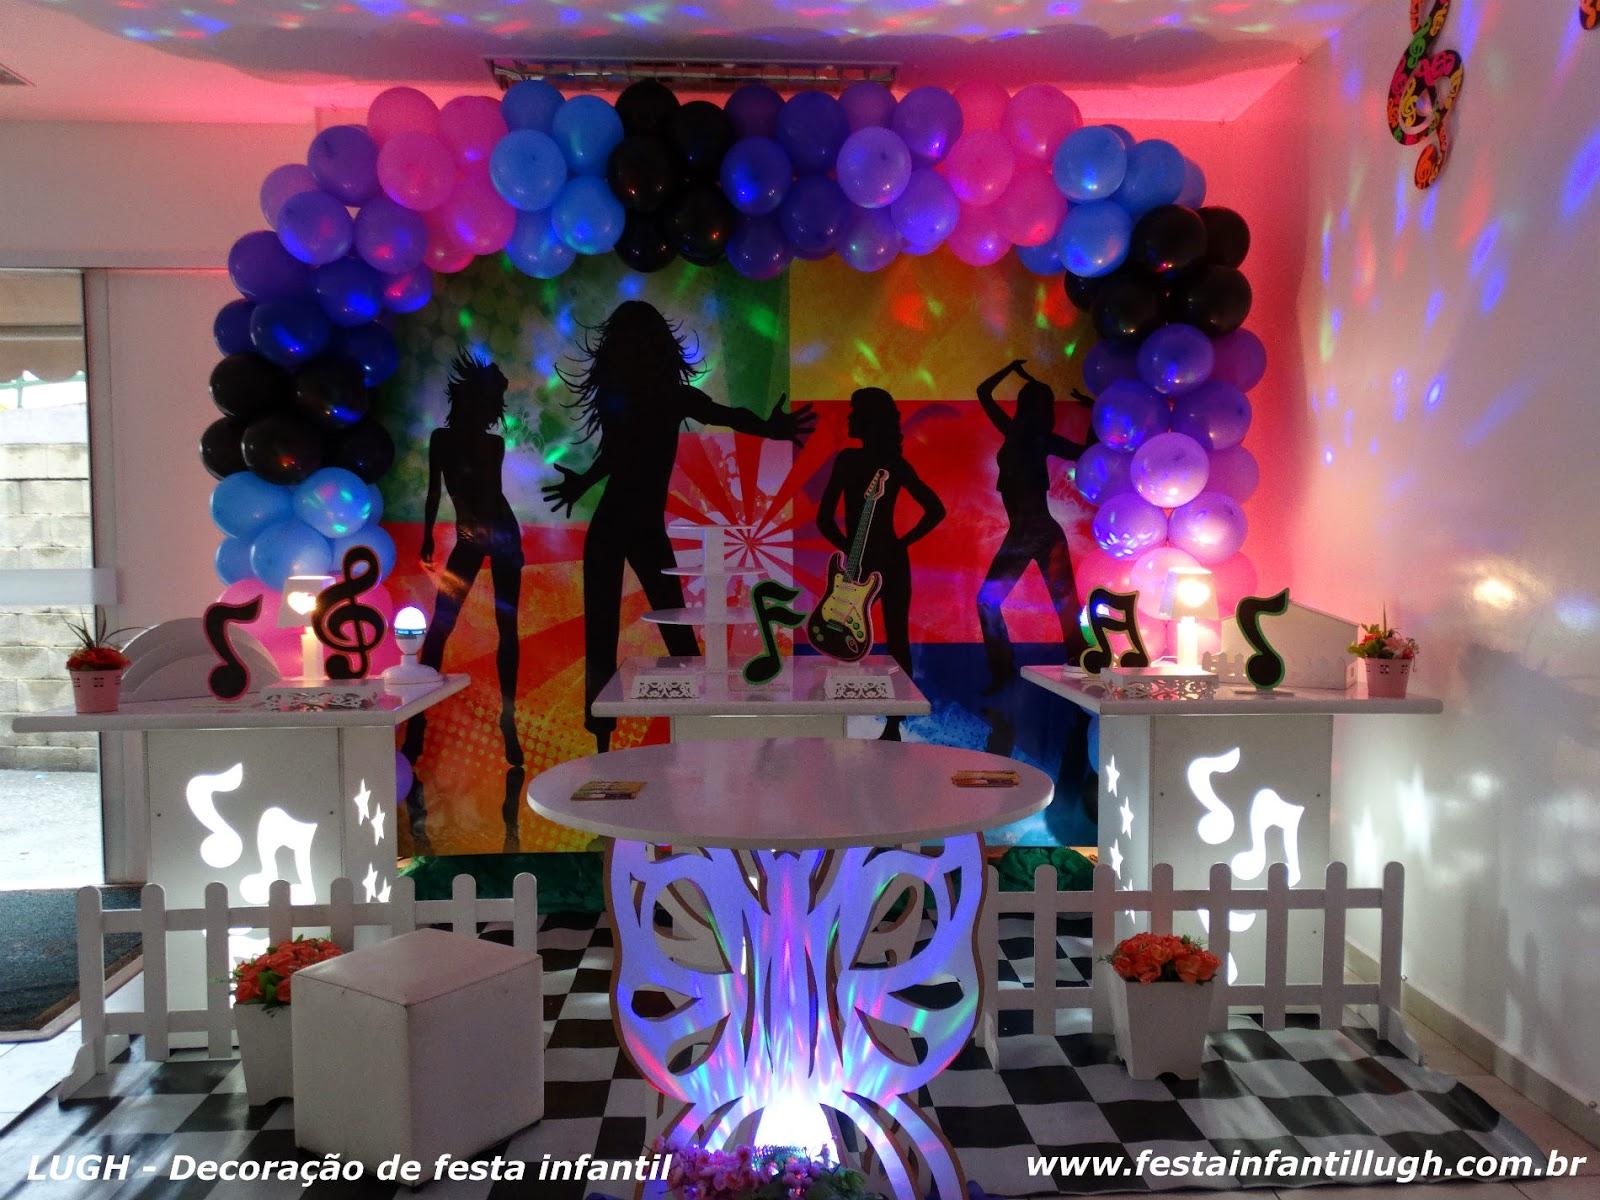 Tema Discoteca para decorar festa de aniversário infantil, adolescentes e adultos